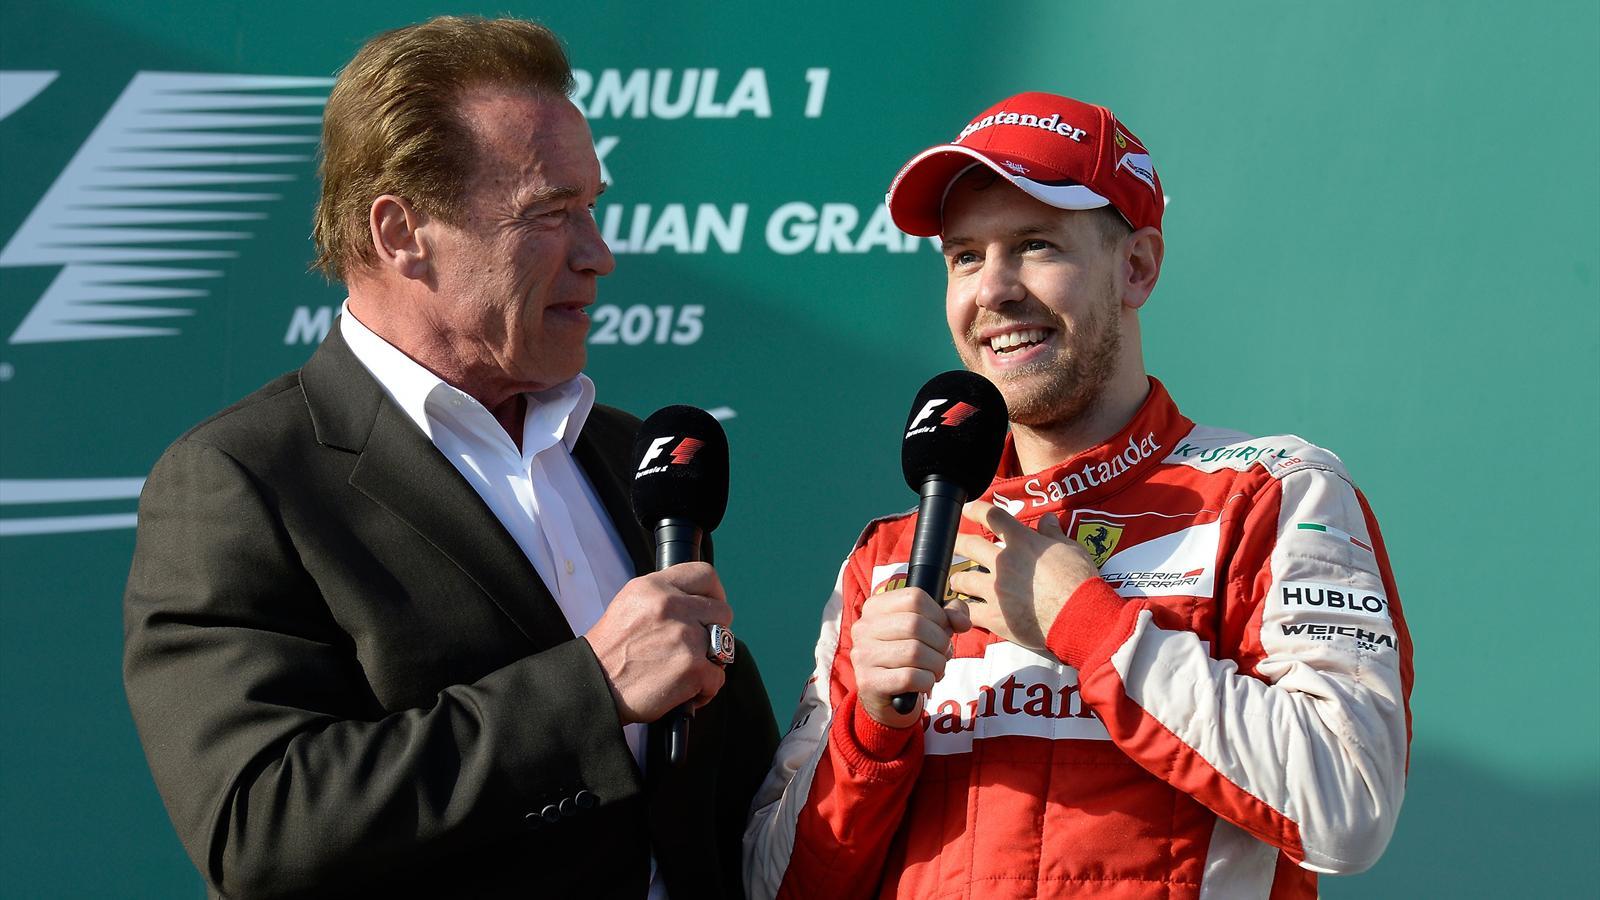 Spécial Sebastian Vettel (Formule un) - Page 12 1436343-30723754-1600-900